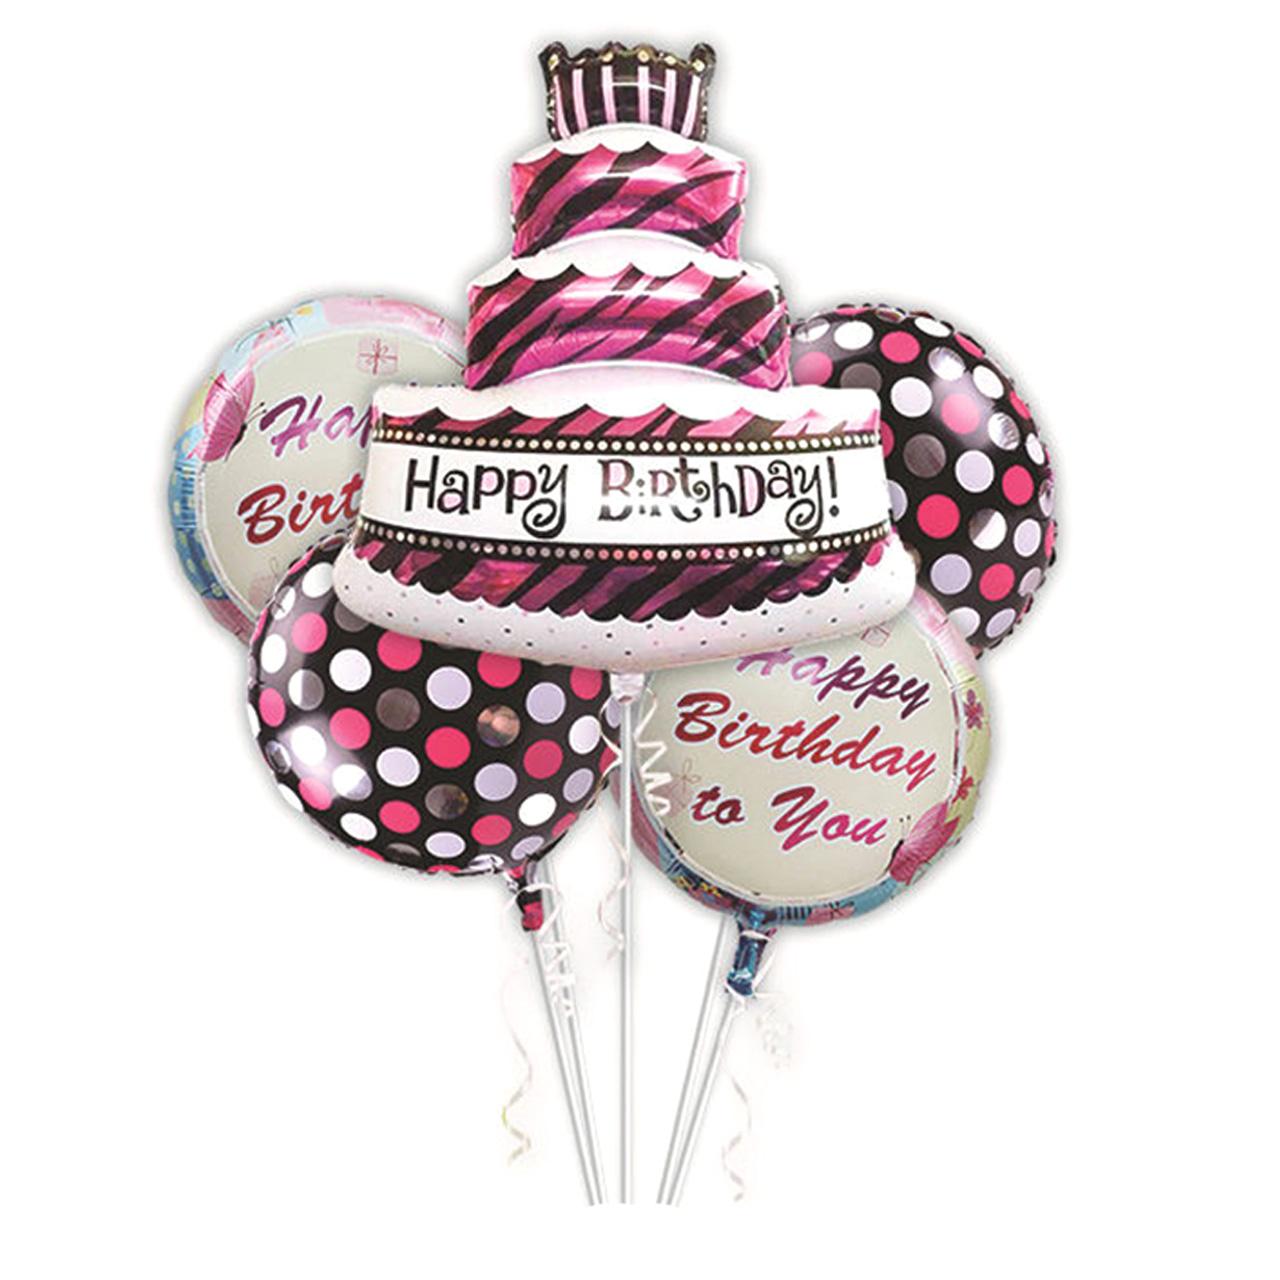 عکس مجموعه بادکنک فویلی 5 تکه بانیبو مدل Happy Birthday Cake02 سایز 150